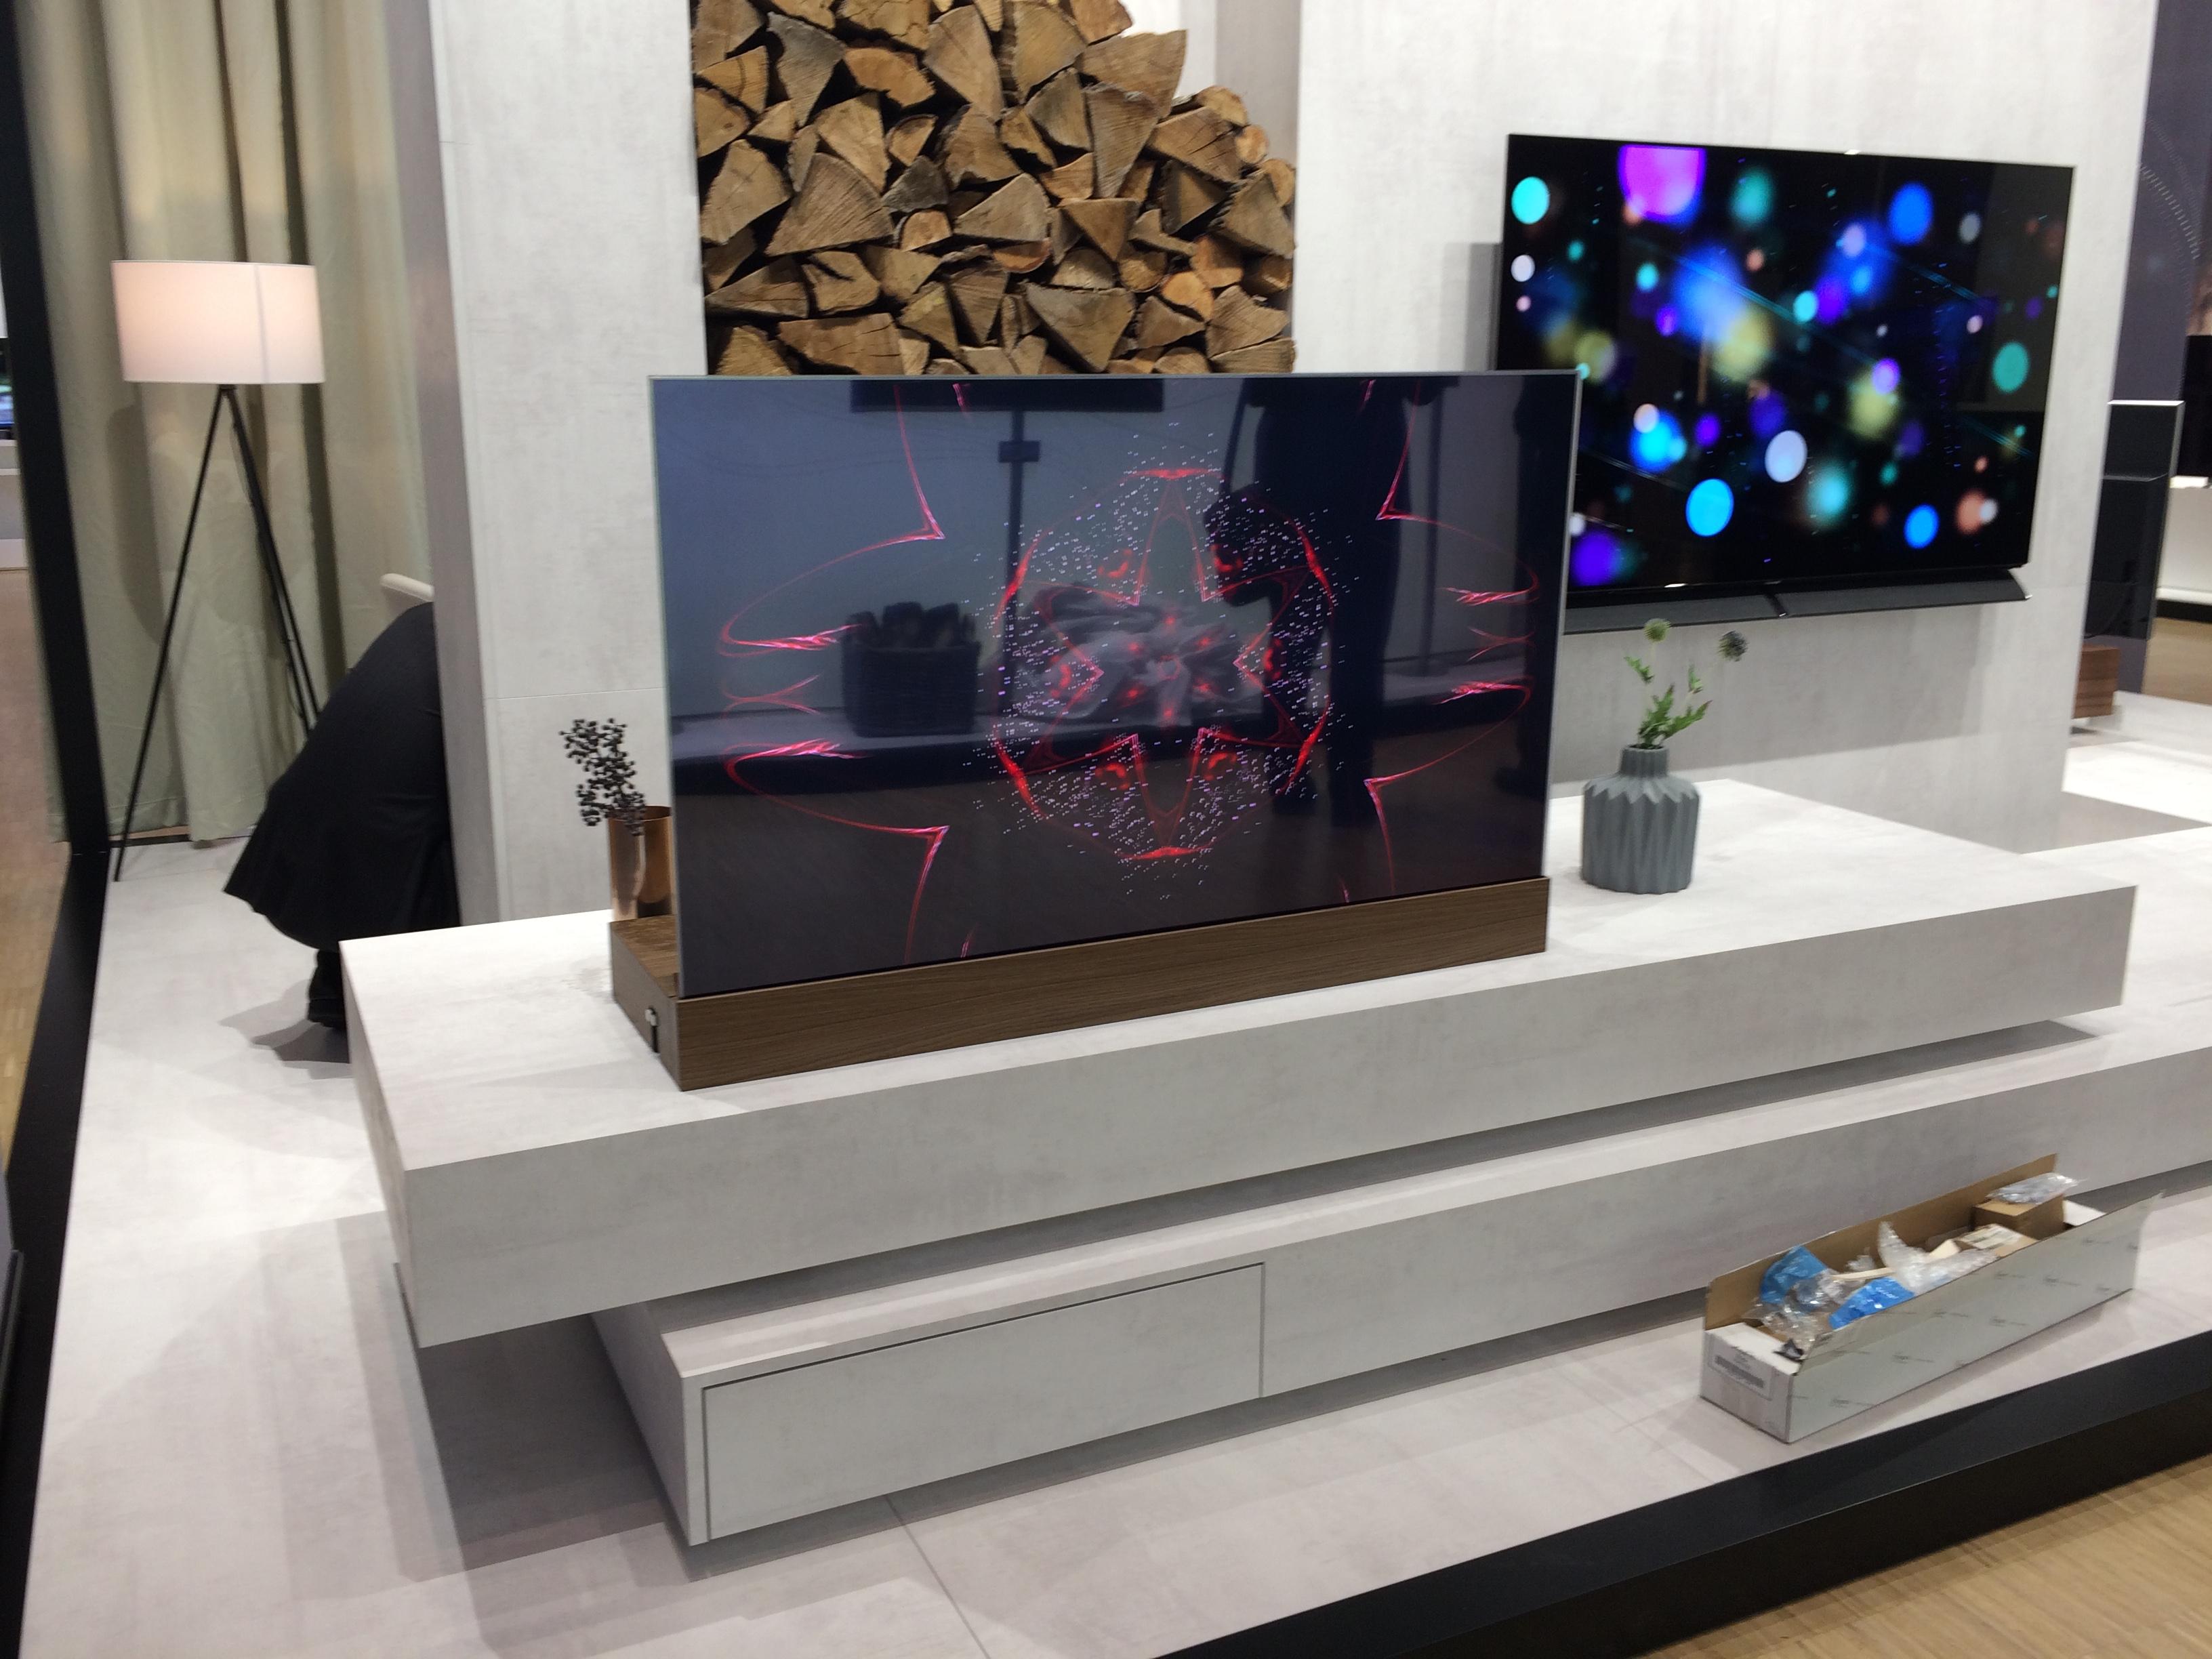 Descubre el televisor invisible que puede proyectarse en cualquier lugar de tu casa